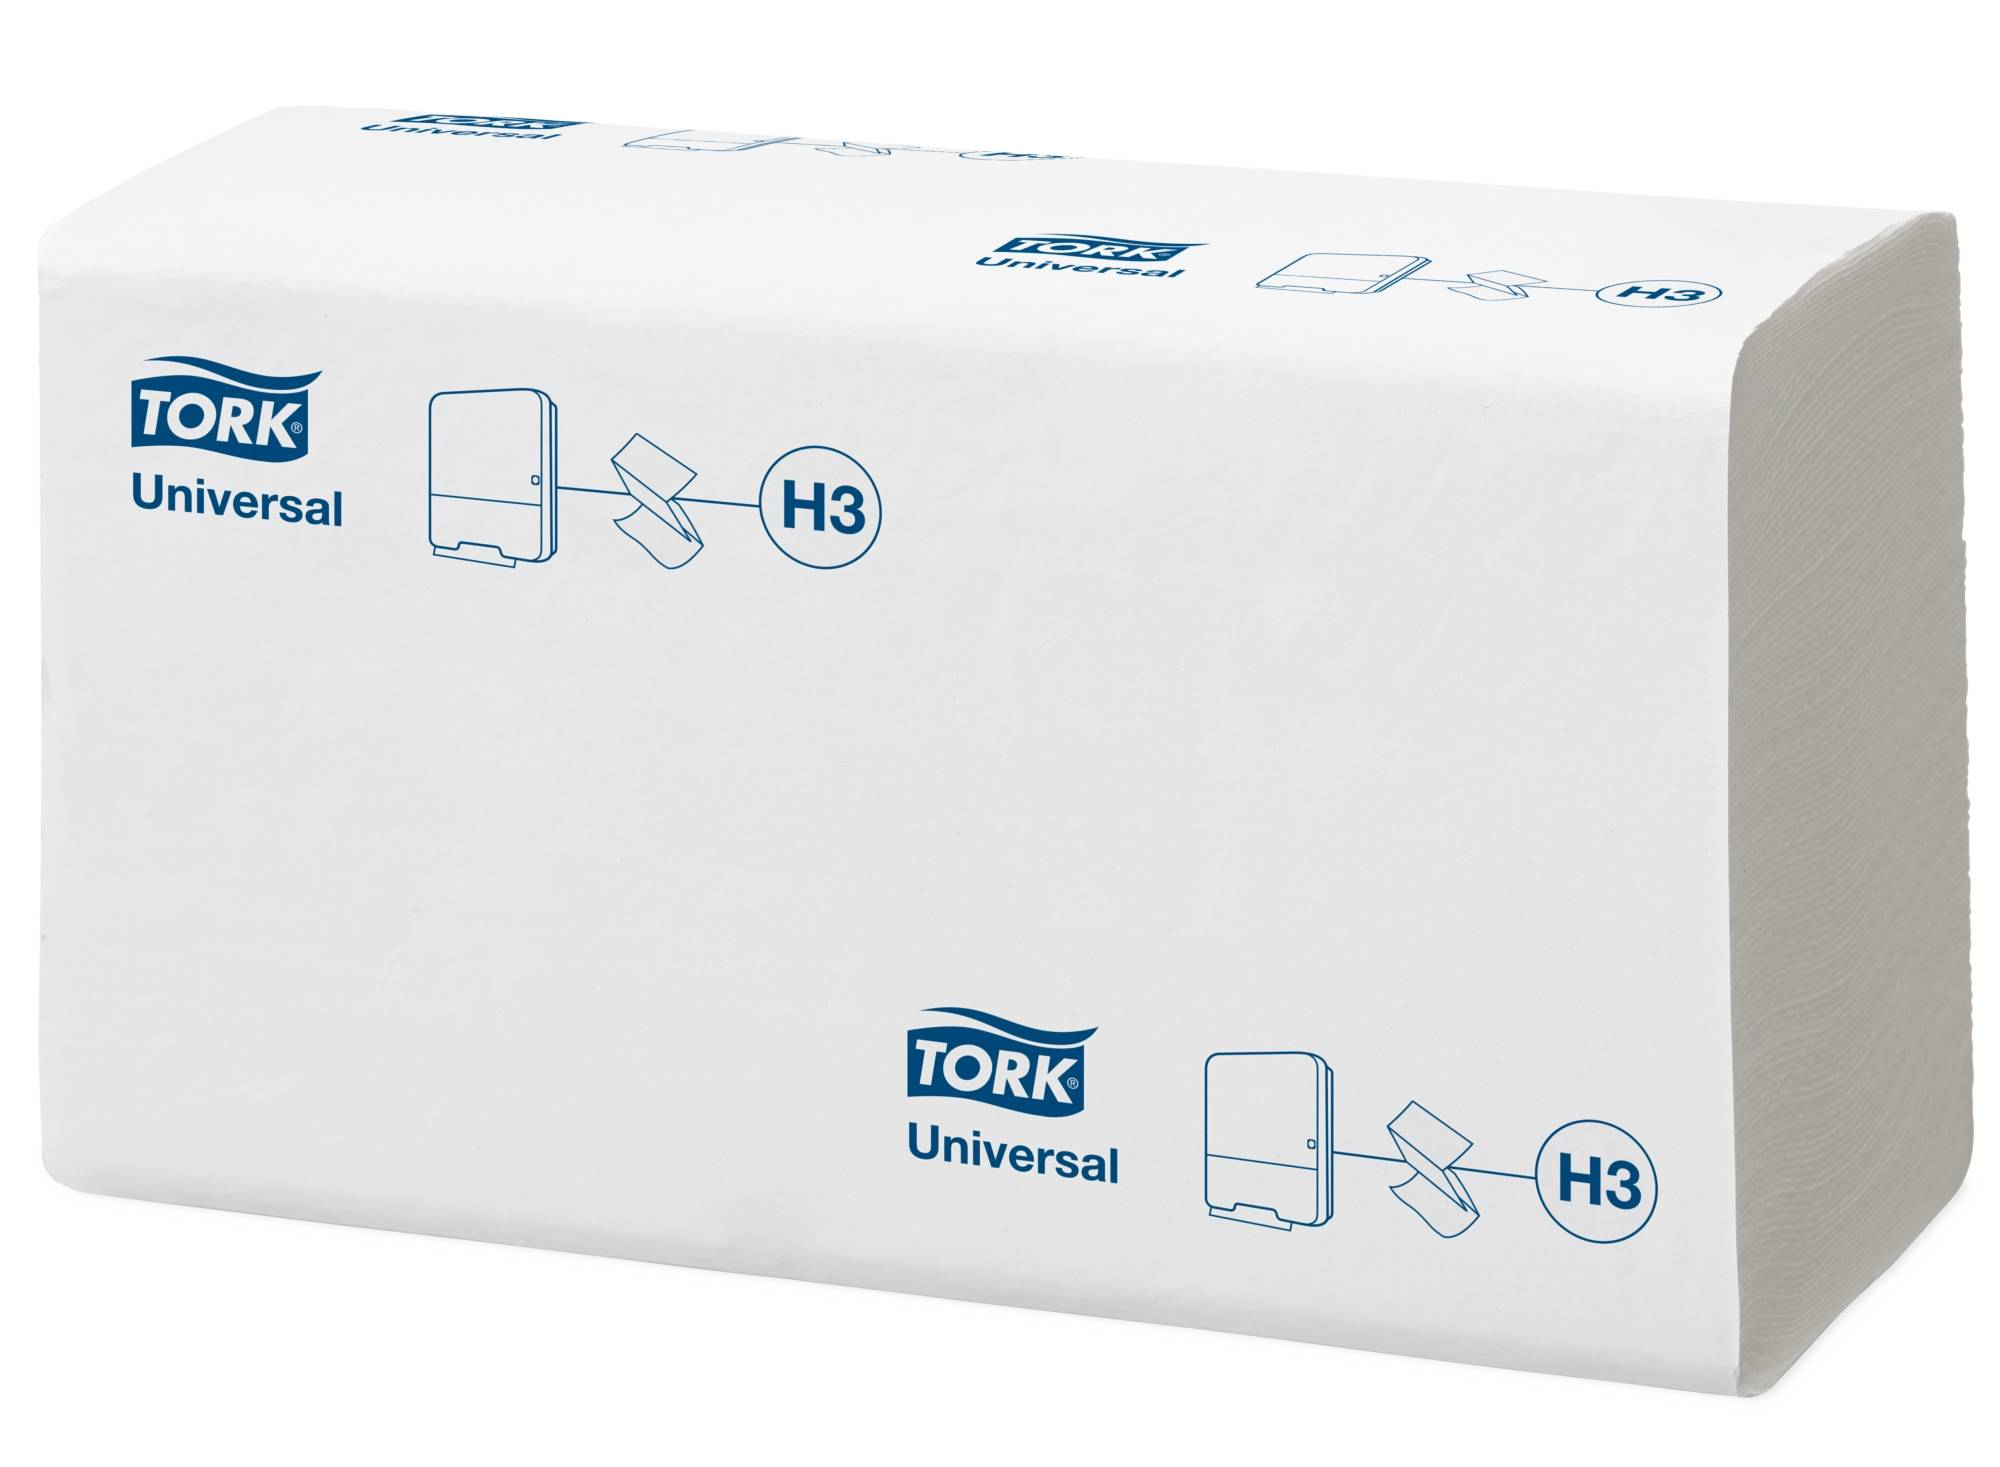 Полотенце бумажные TORK UNIVERSAL H3, 1 слойные, V(ZZ)-сложение, 23х23 см, 250 л., белый с тиснением лист